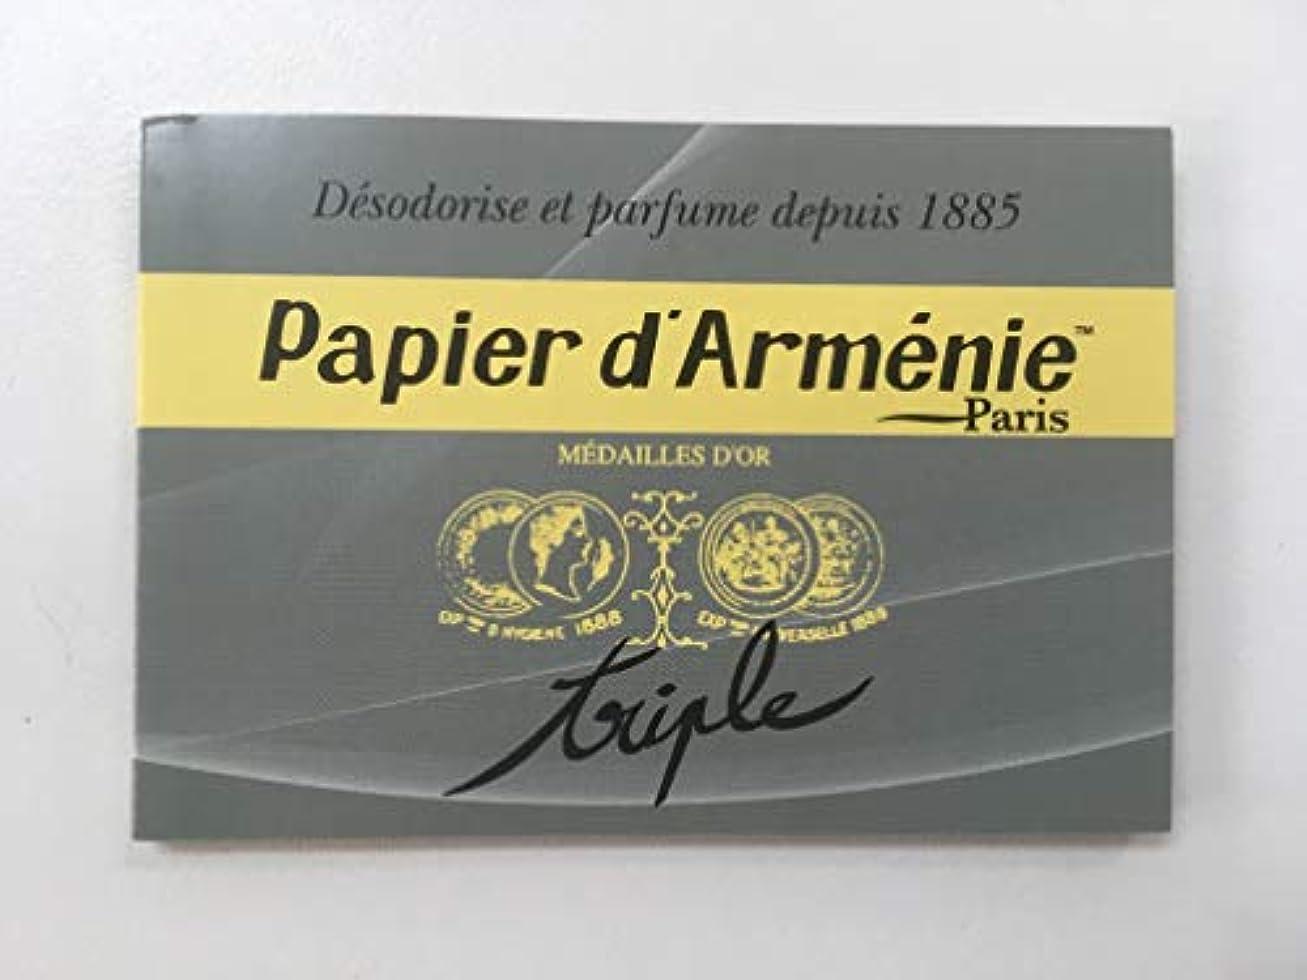 ブルームクランシーとても多くの紙のお香パピエダルメニイ(papier d'armenie)